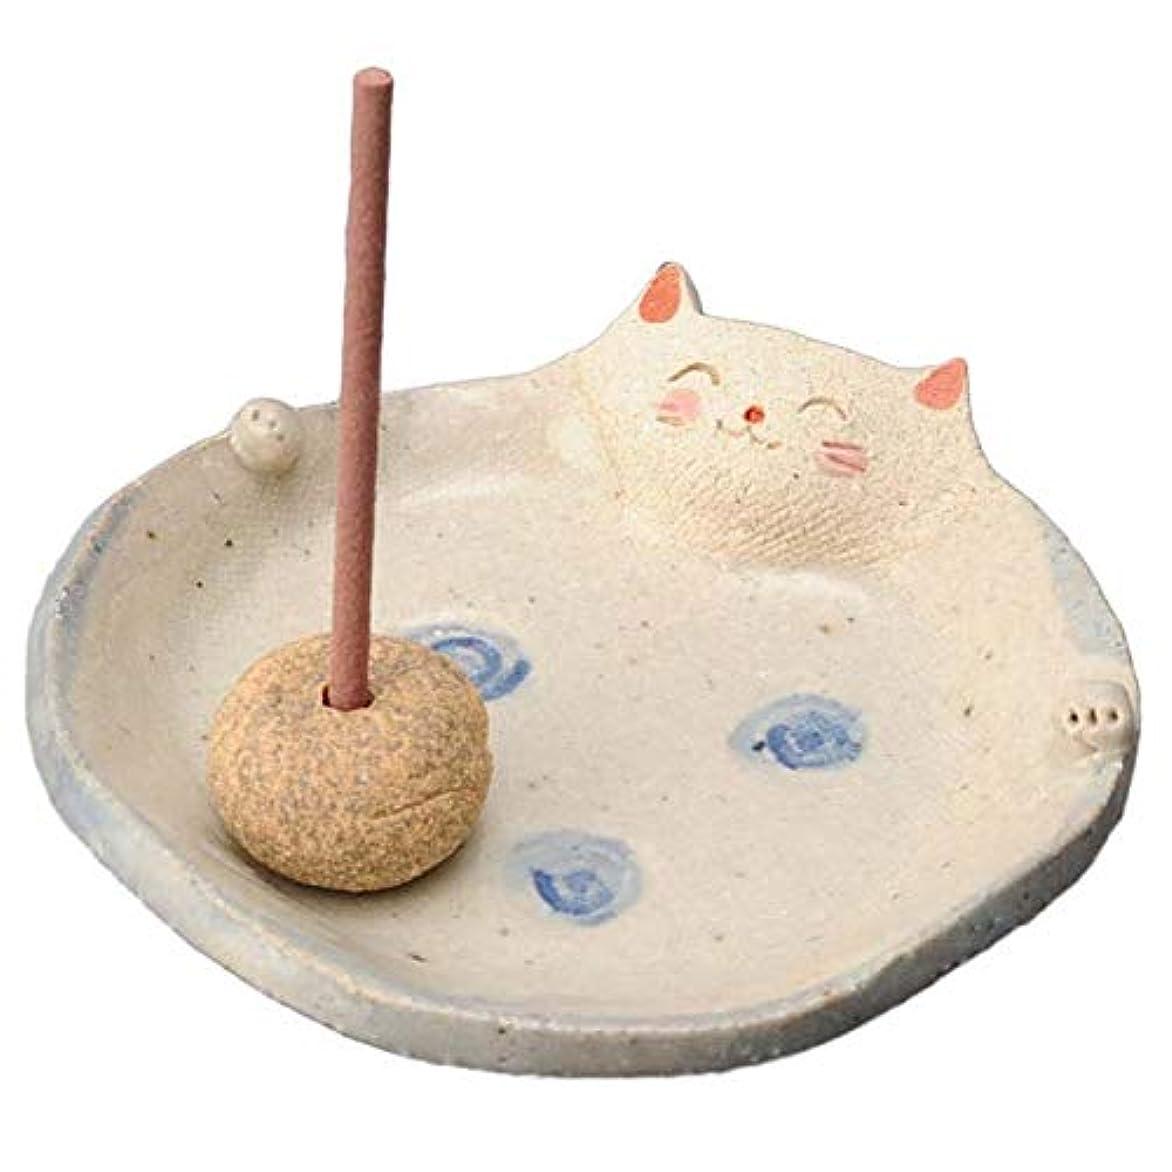 克服する低い予知手造り 香皿 香立て/ふっくら 香皿(ネコ) /香り アロマ 癒やし リラックス インテリア プレゼント 贈り物